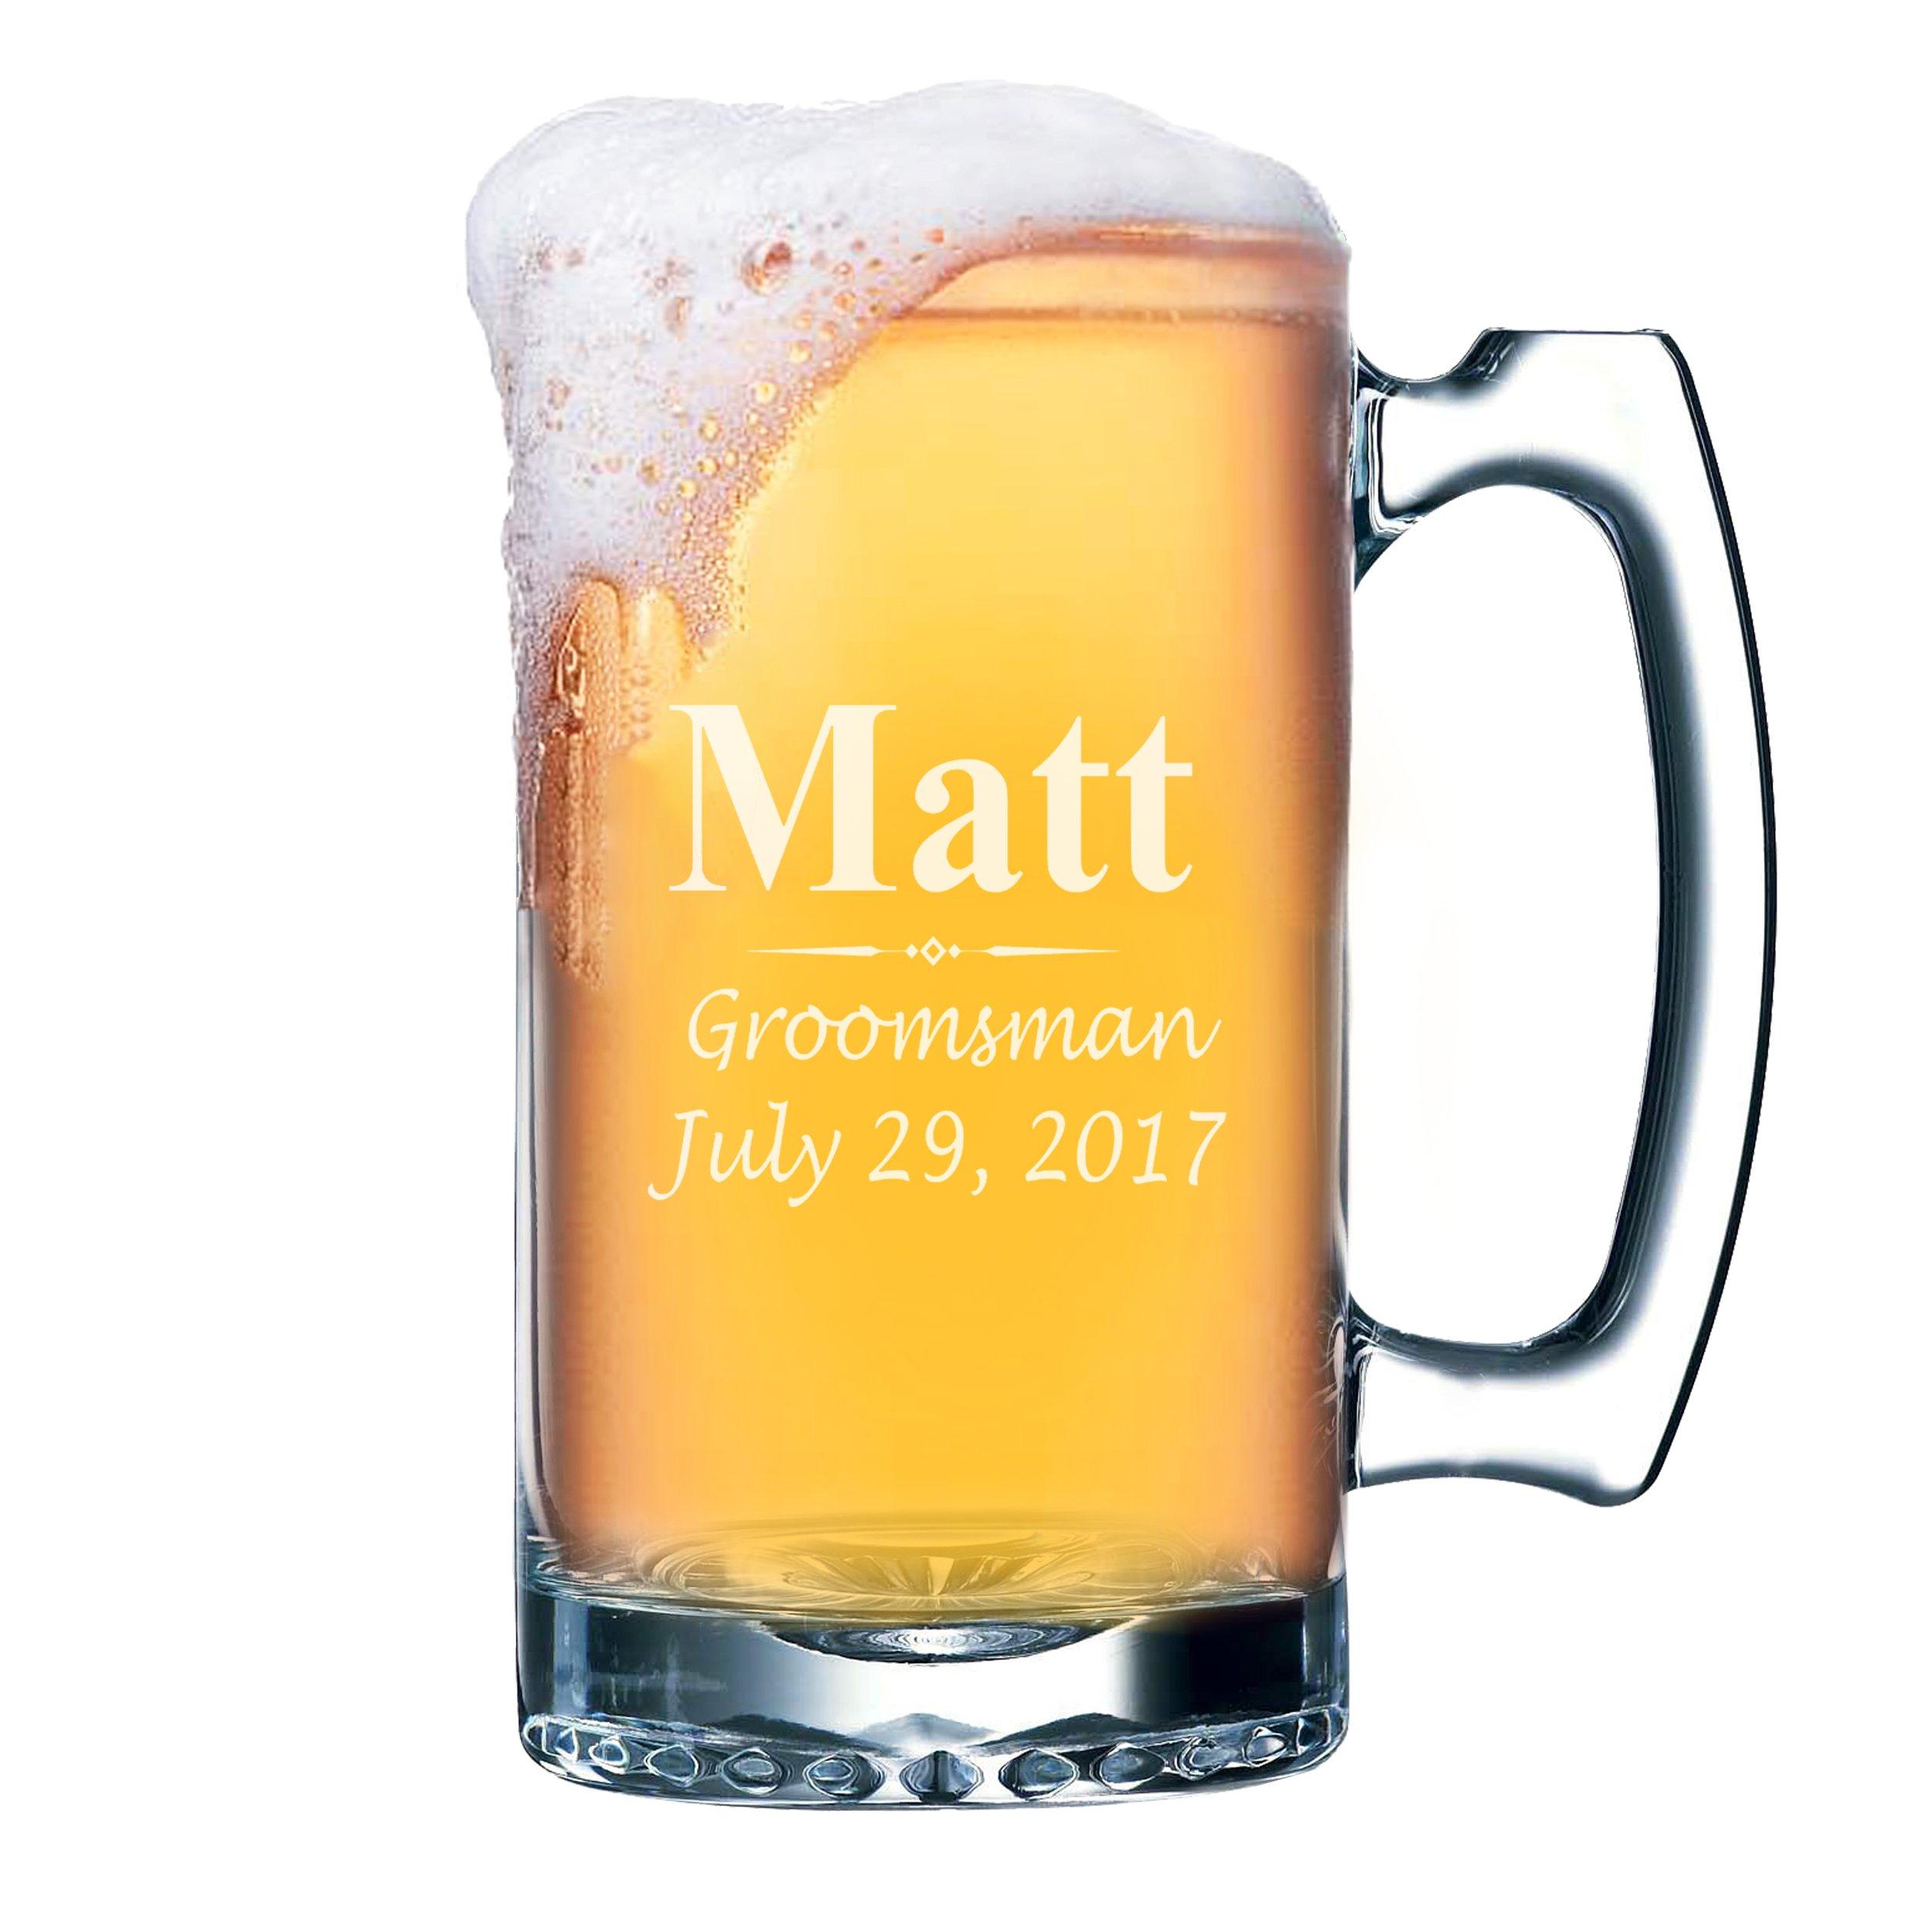 Custom Beer Mugs - Engraved Personalized Groomsmen Beer Glasses Gifts - 25oz - 3 Lines Design